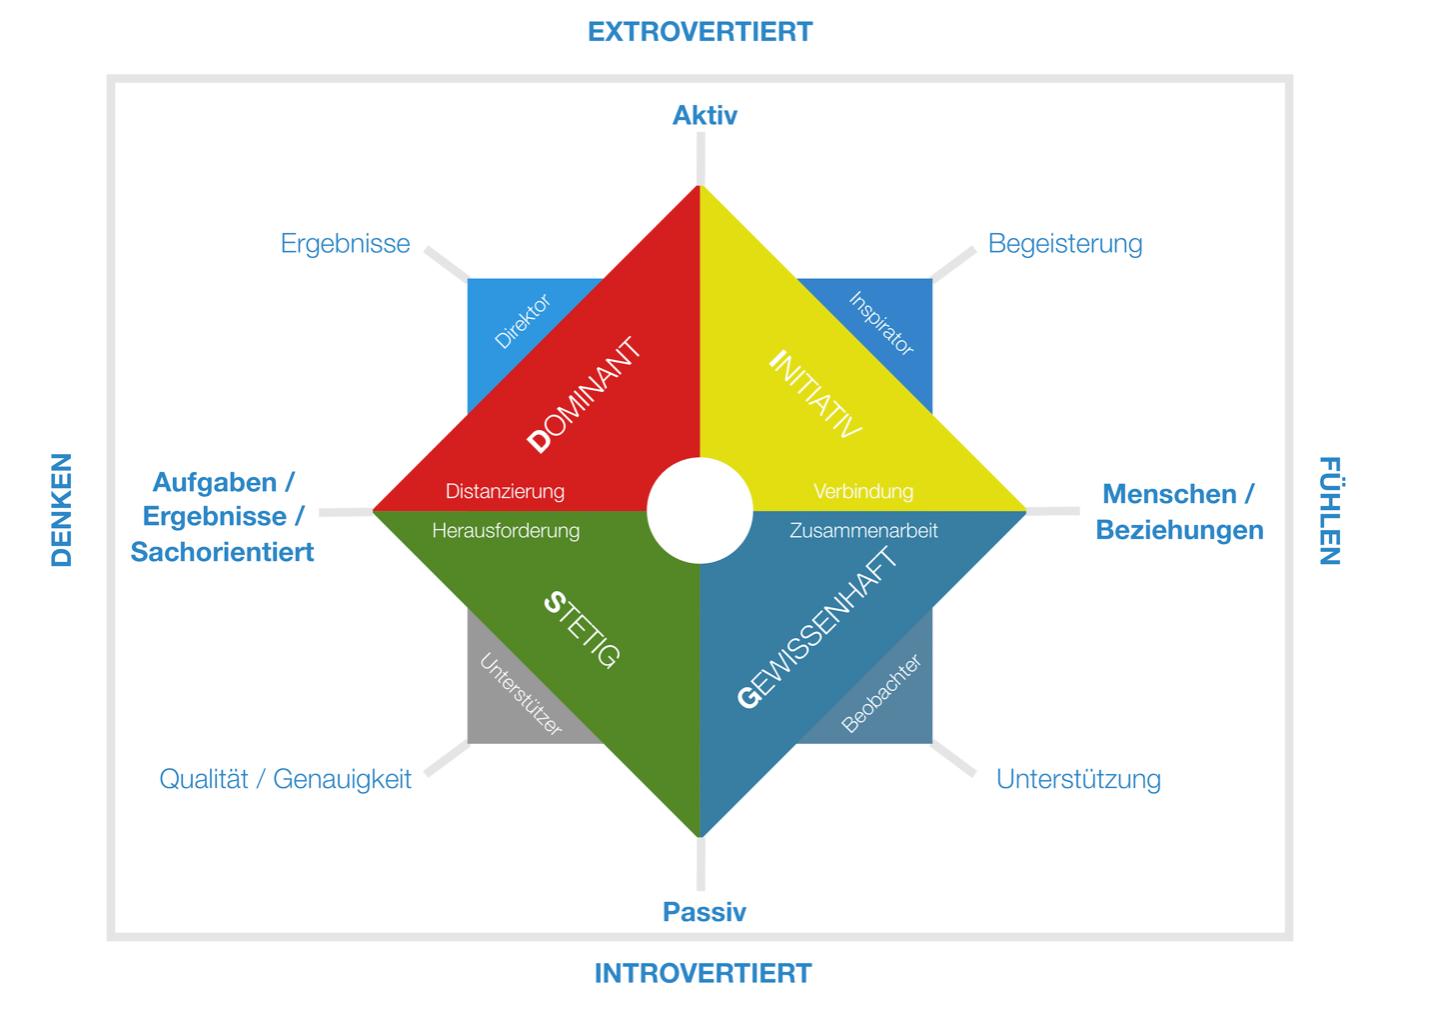 Profiling mit dem DISG-Modell